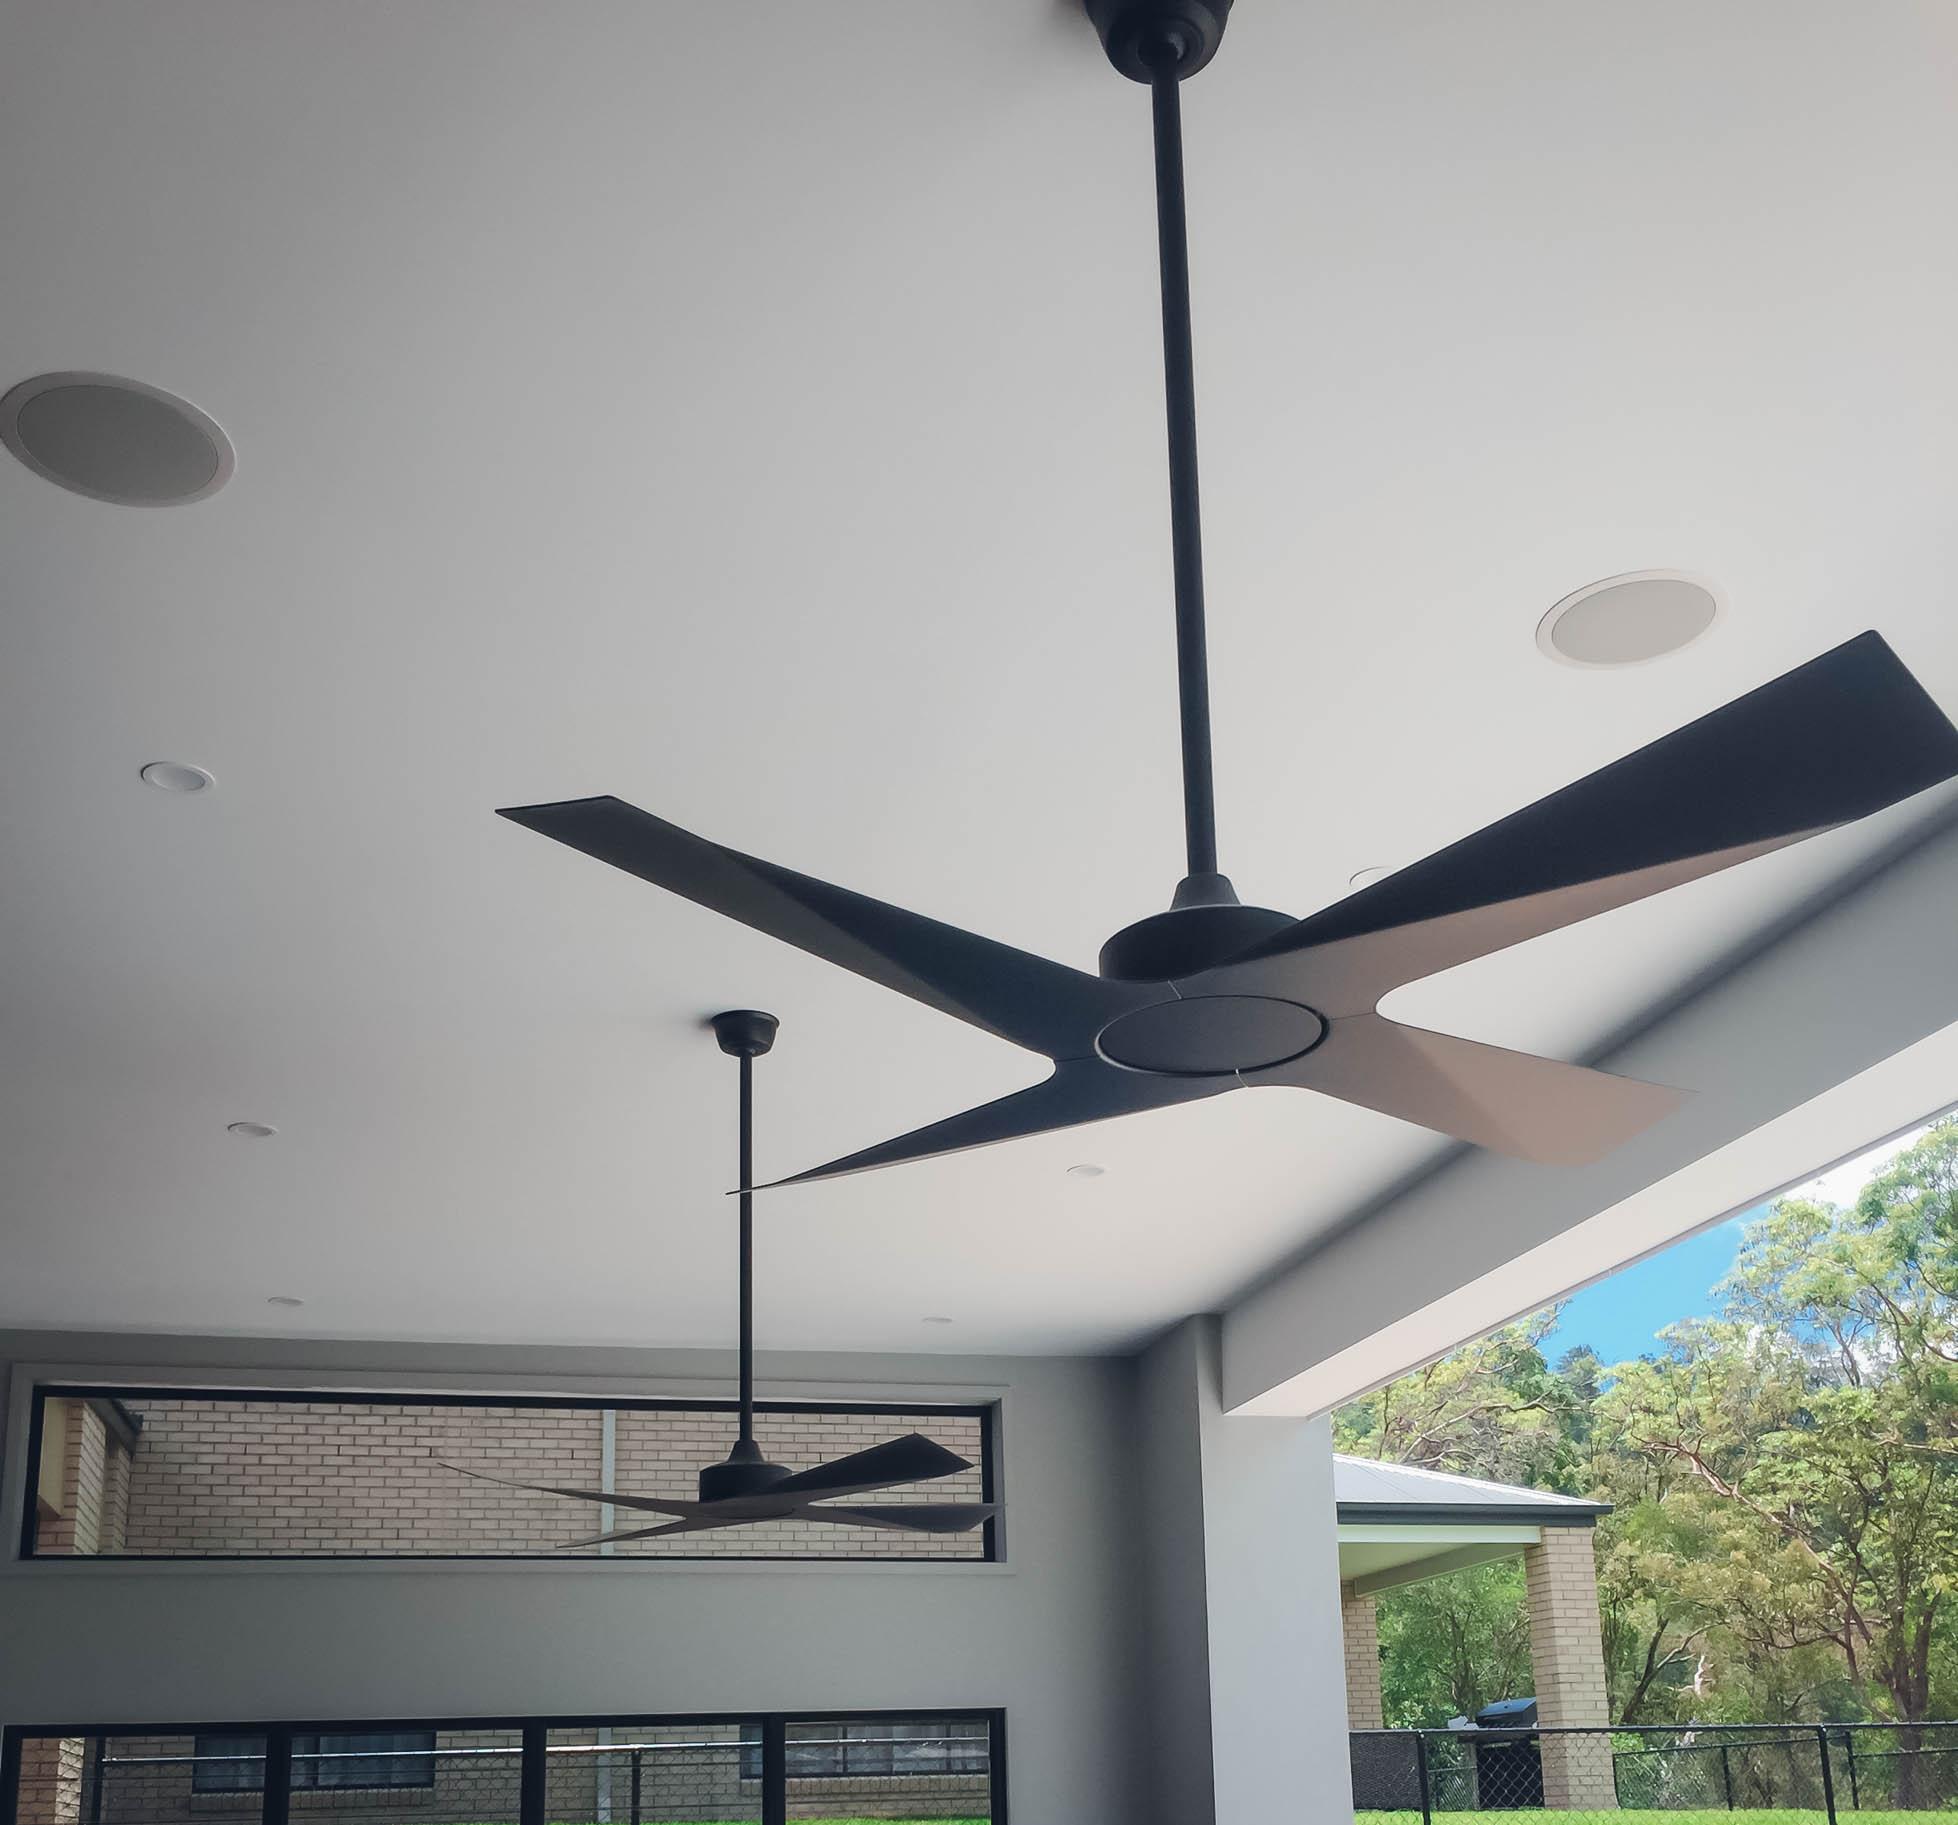 Modn 4 Ceiling Fan 15